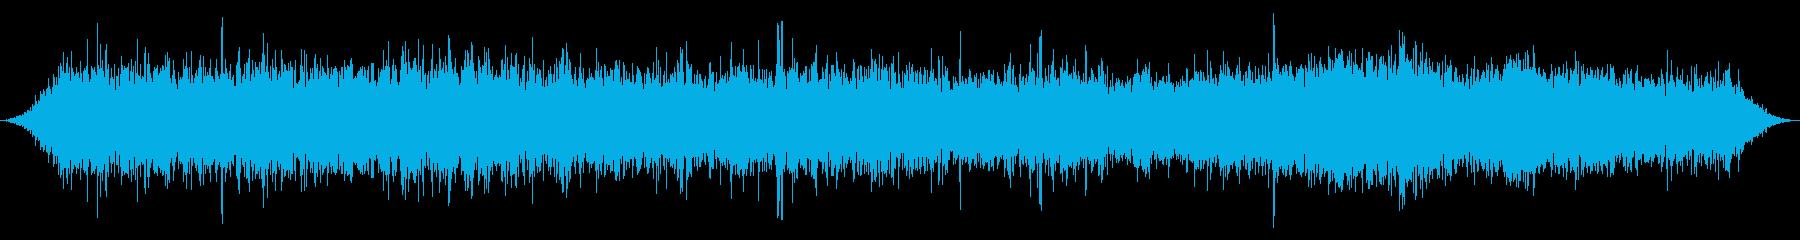 ボーイング737旅客機:Int:タ...の再生済みの波形